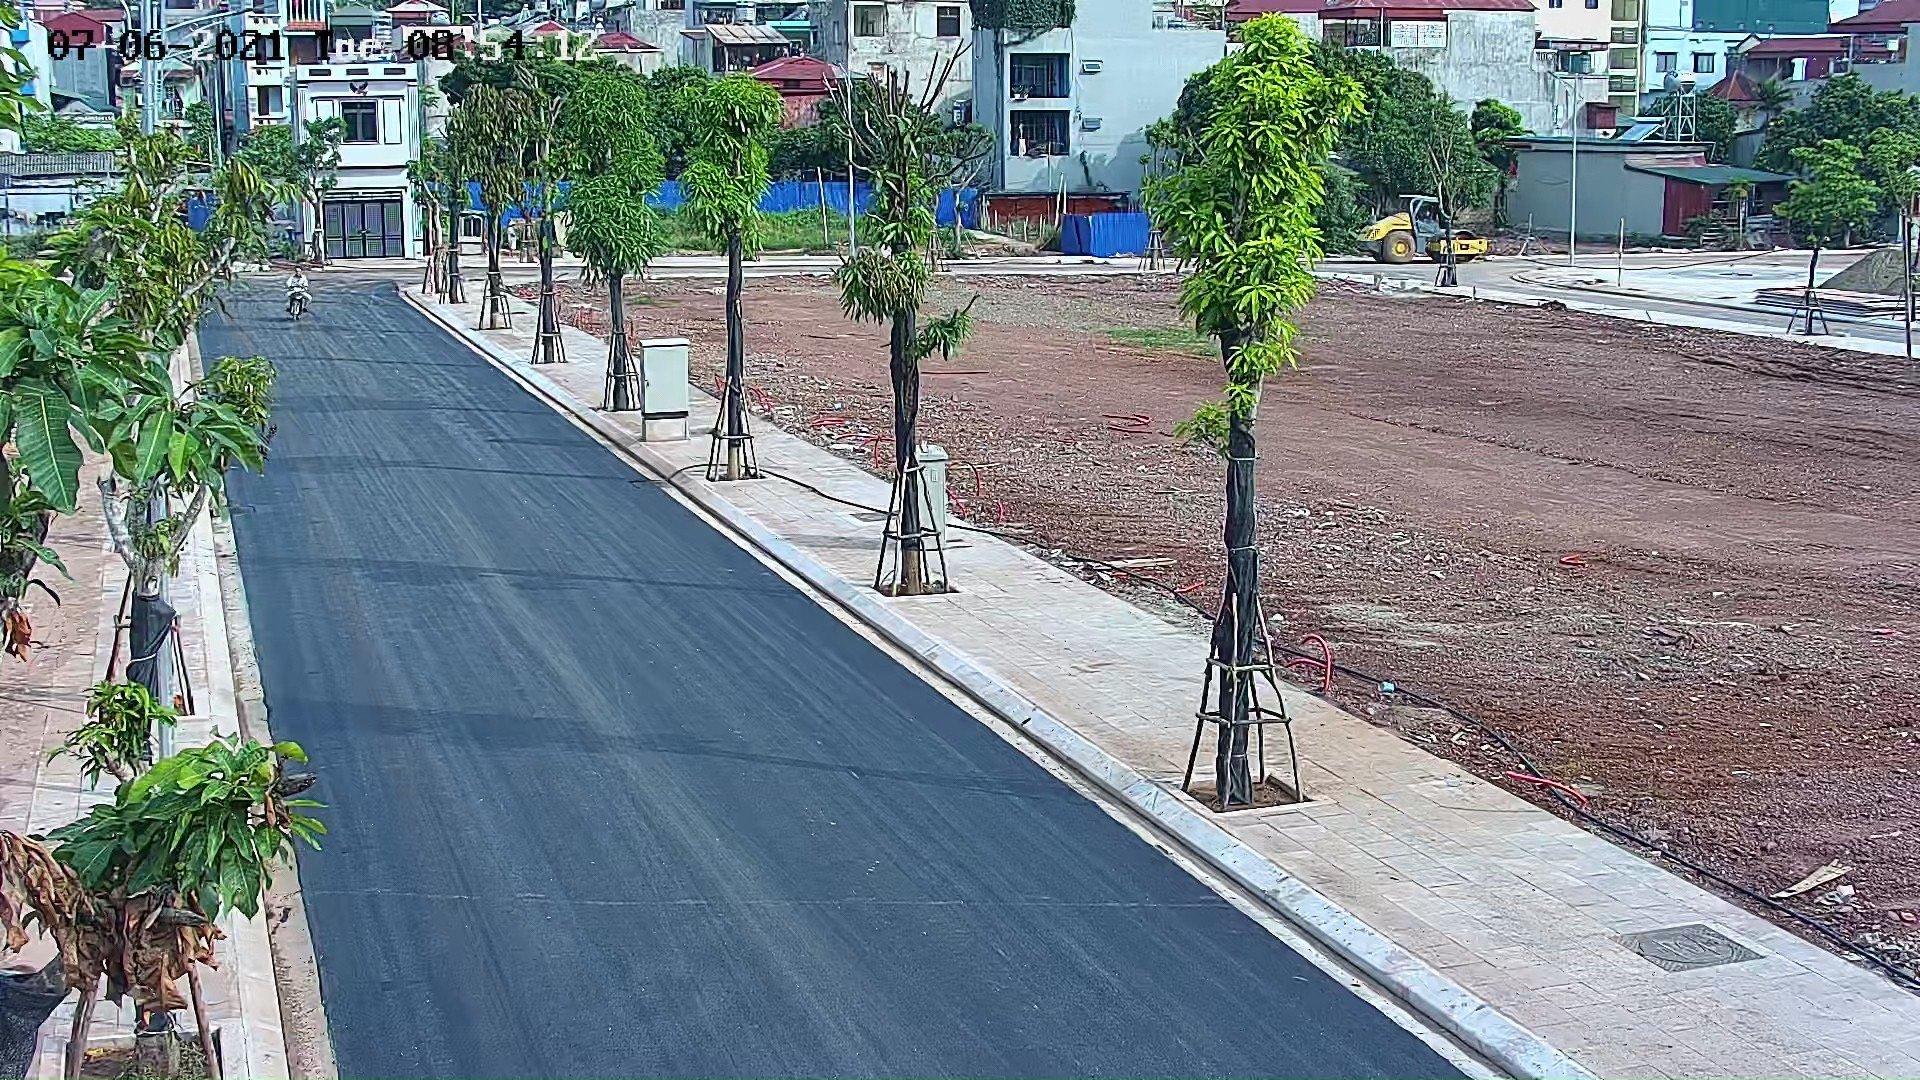 Shining City - Khu đô thị Ánh sáng giữa trung tâm thành phố Sơn La - Ảnh 4.